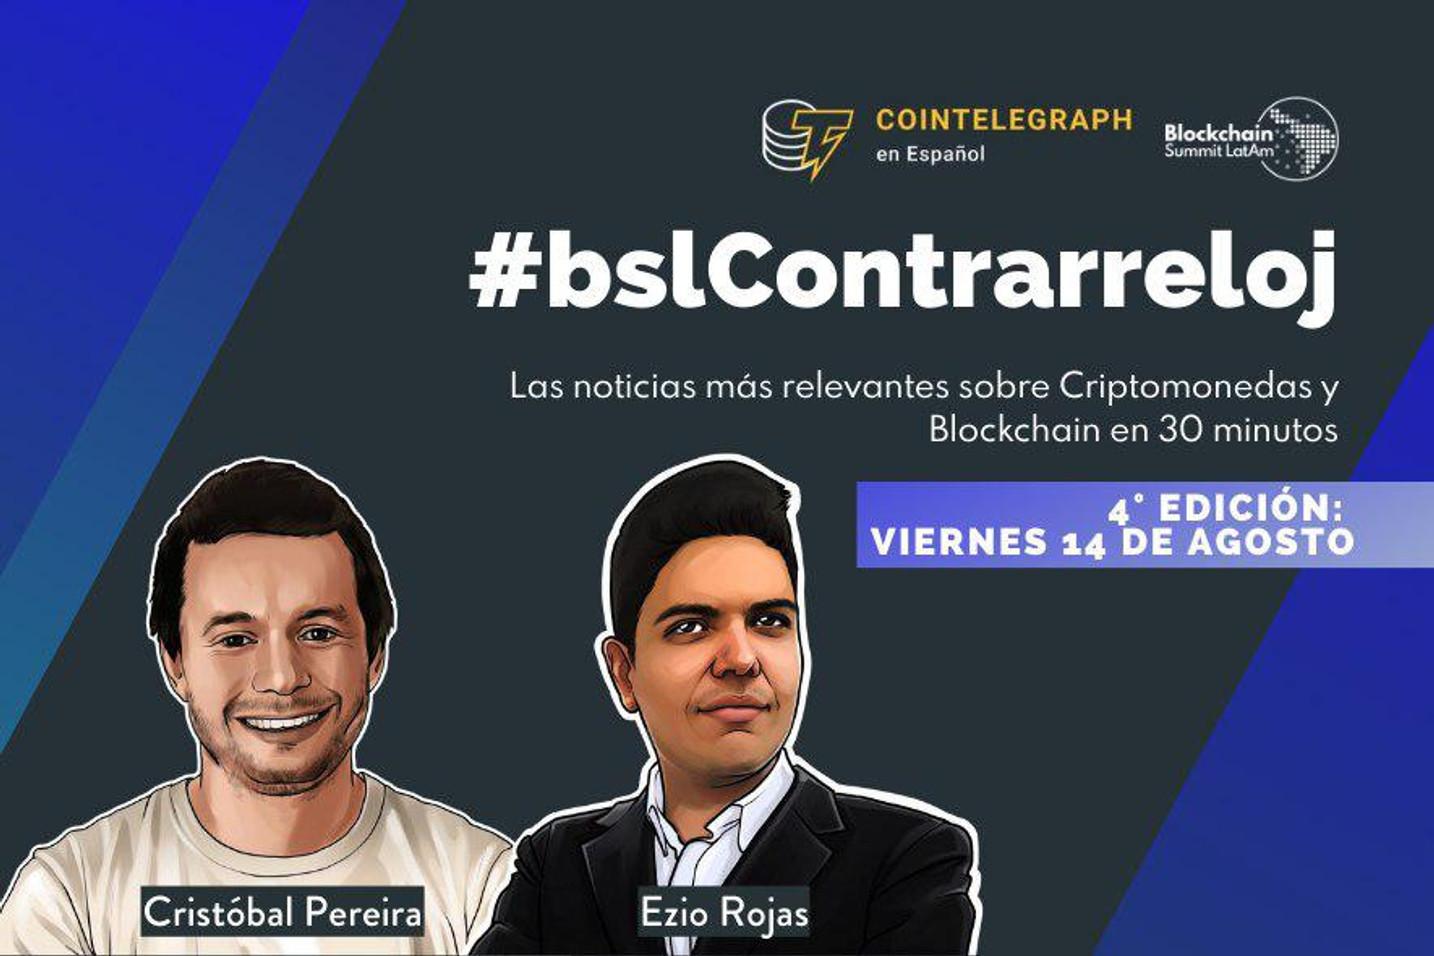 Criptomonedas en Argentina, Precio de Bitcoin en 200%, MicroStrategy, la debacle de Yam y mucho más. Un resumen de las criptonoticias más importantes de la semana